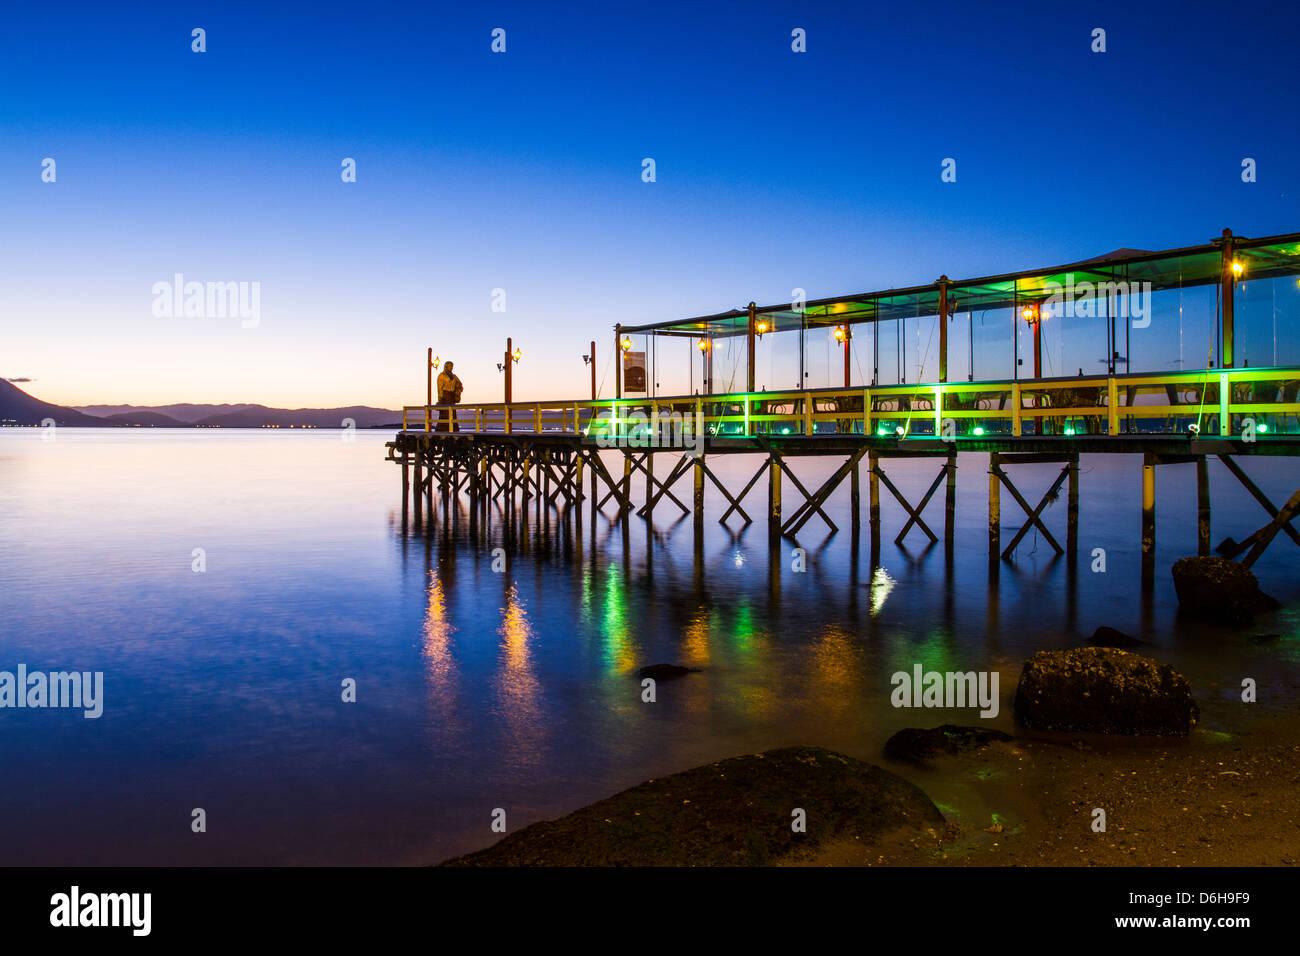 Il molo del ristorante Ostradamus a Ribeirao da Ilha spiaggia al tramonto. Immagini Stock